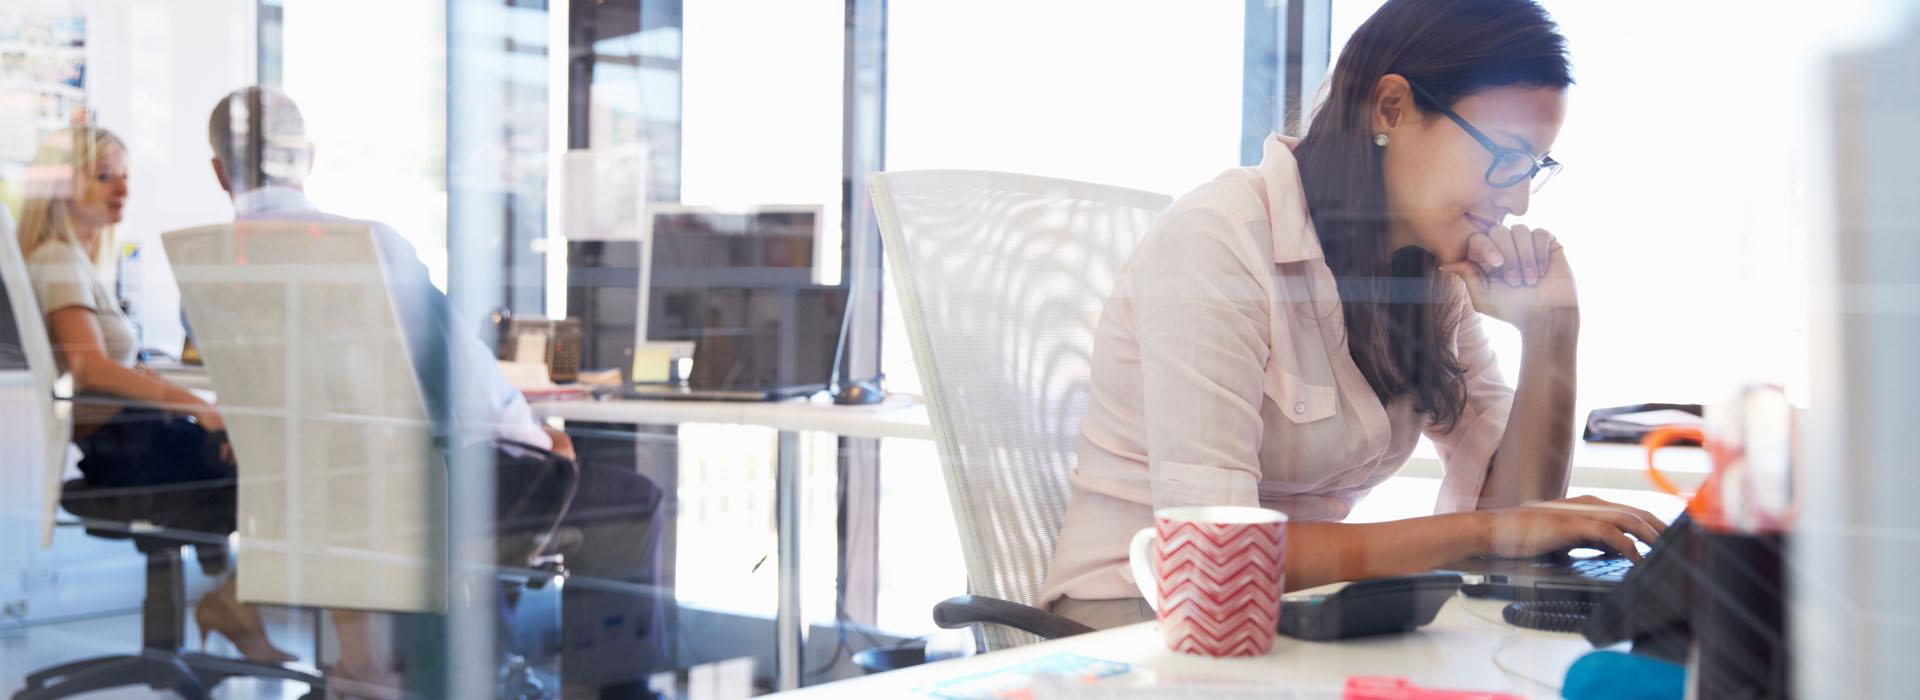 【辦公室小測驗】每次加班的都是你?快來看看哪個環節出錯了!